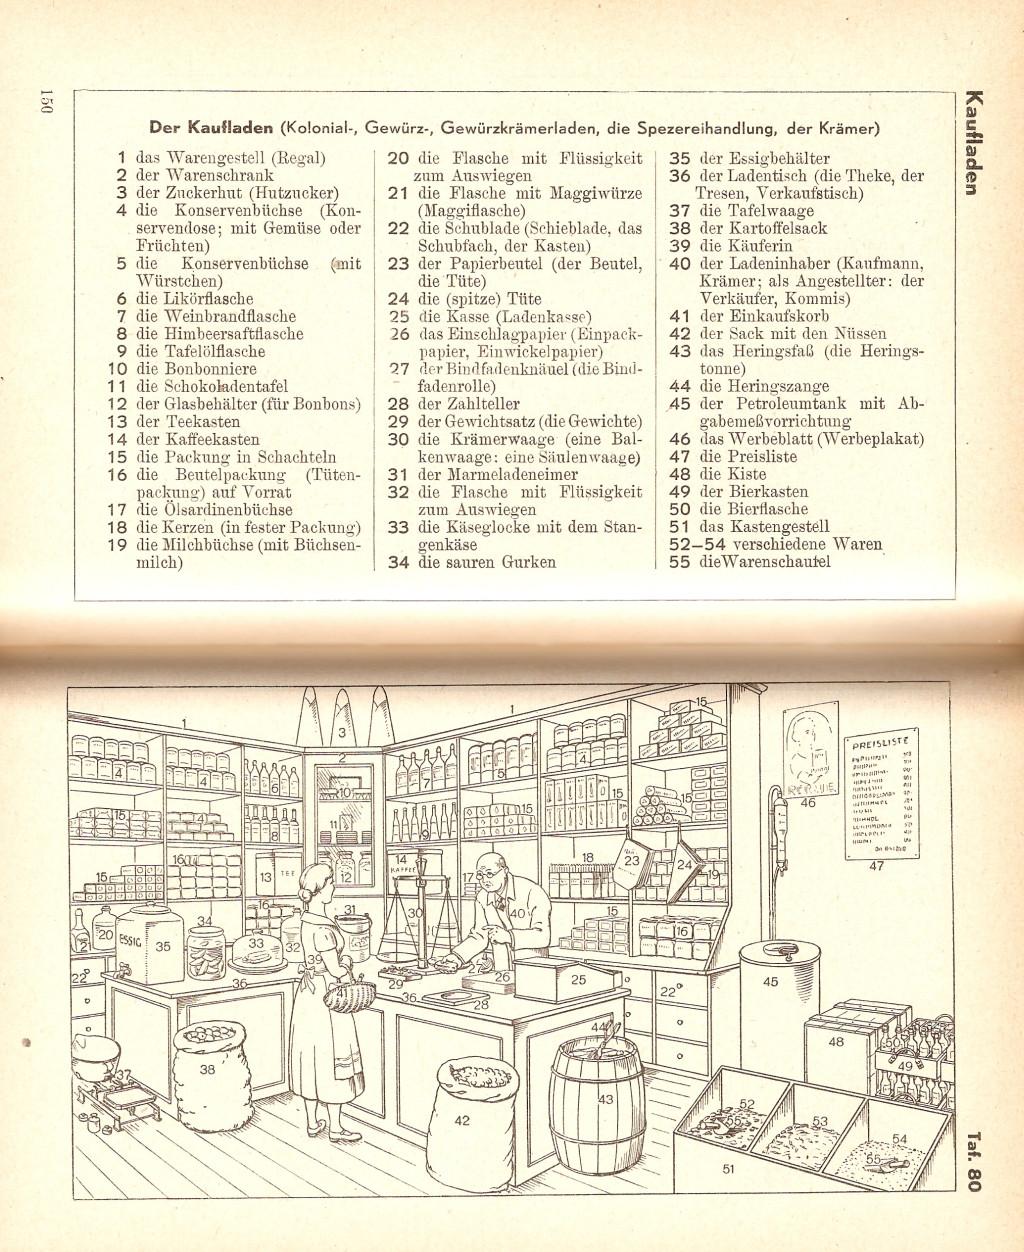 Kaufladen